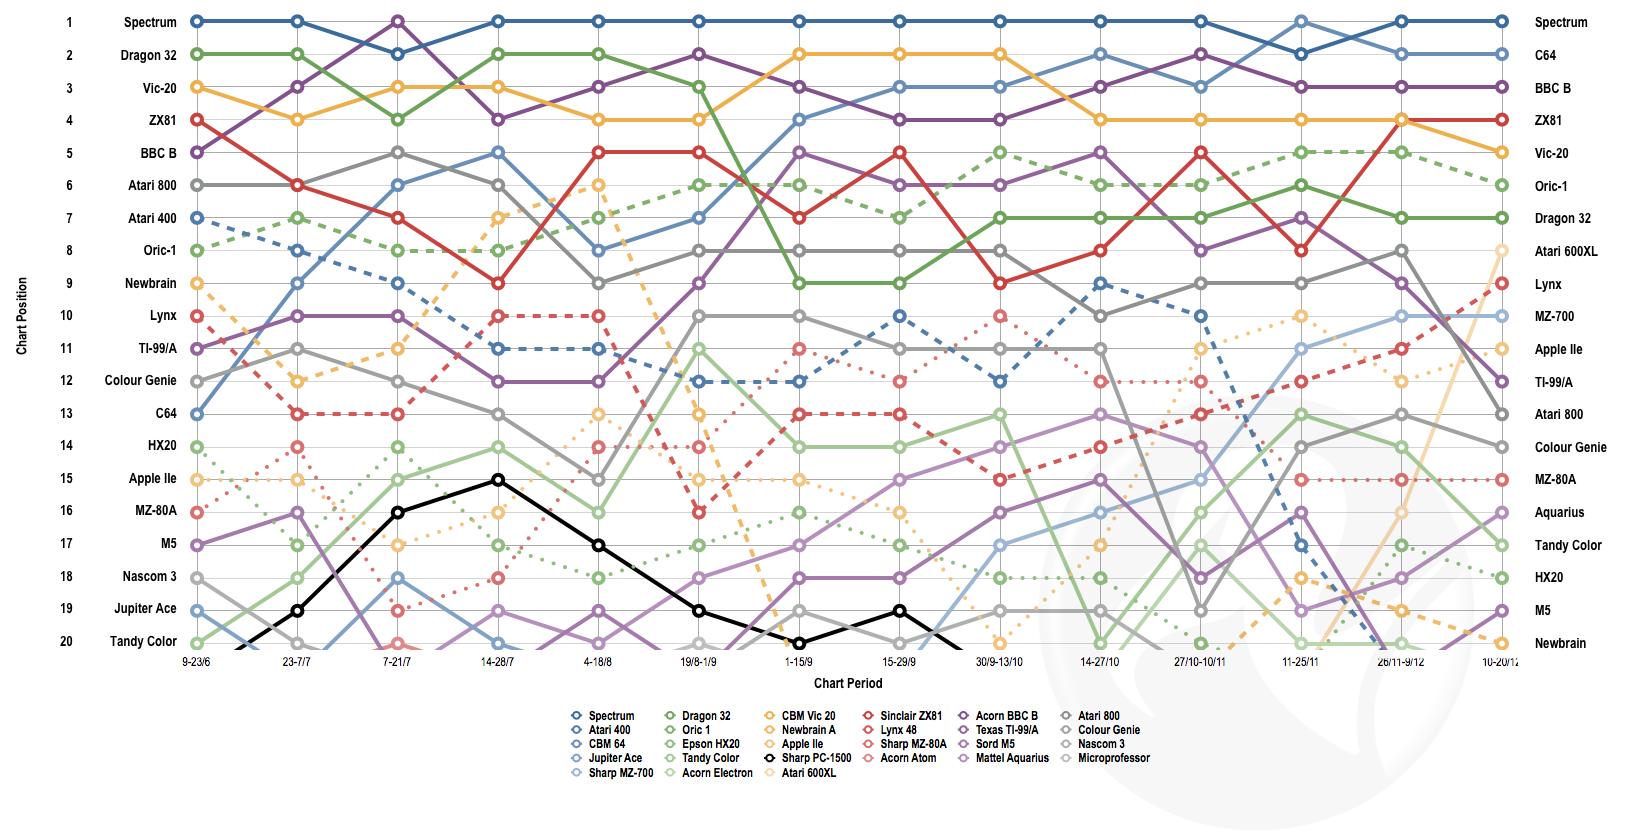 Junk Charts: Bumps chart